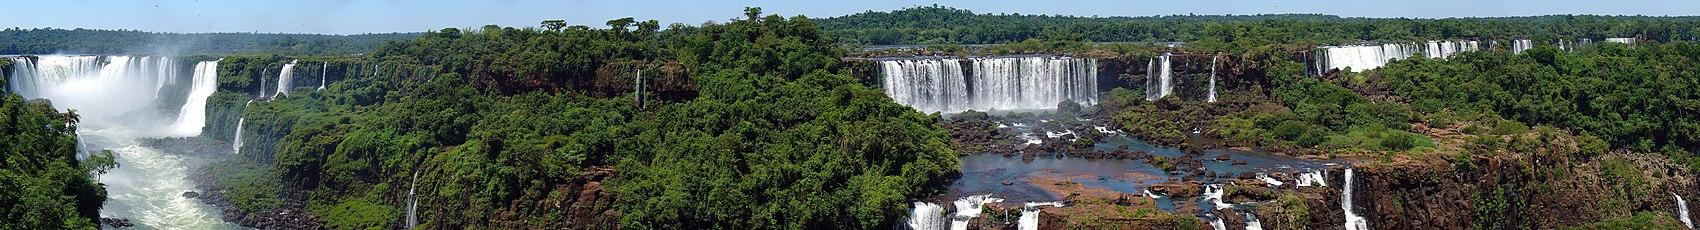 Algunos de los saltos del lado argentino de las cataratas del Iguazú, vistos desde la orilla brasileña.